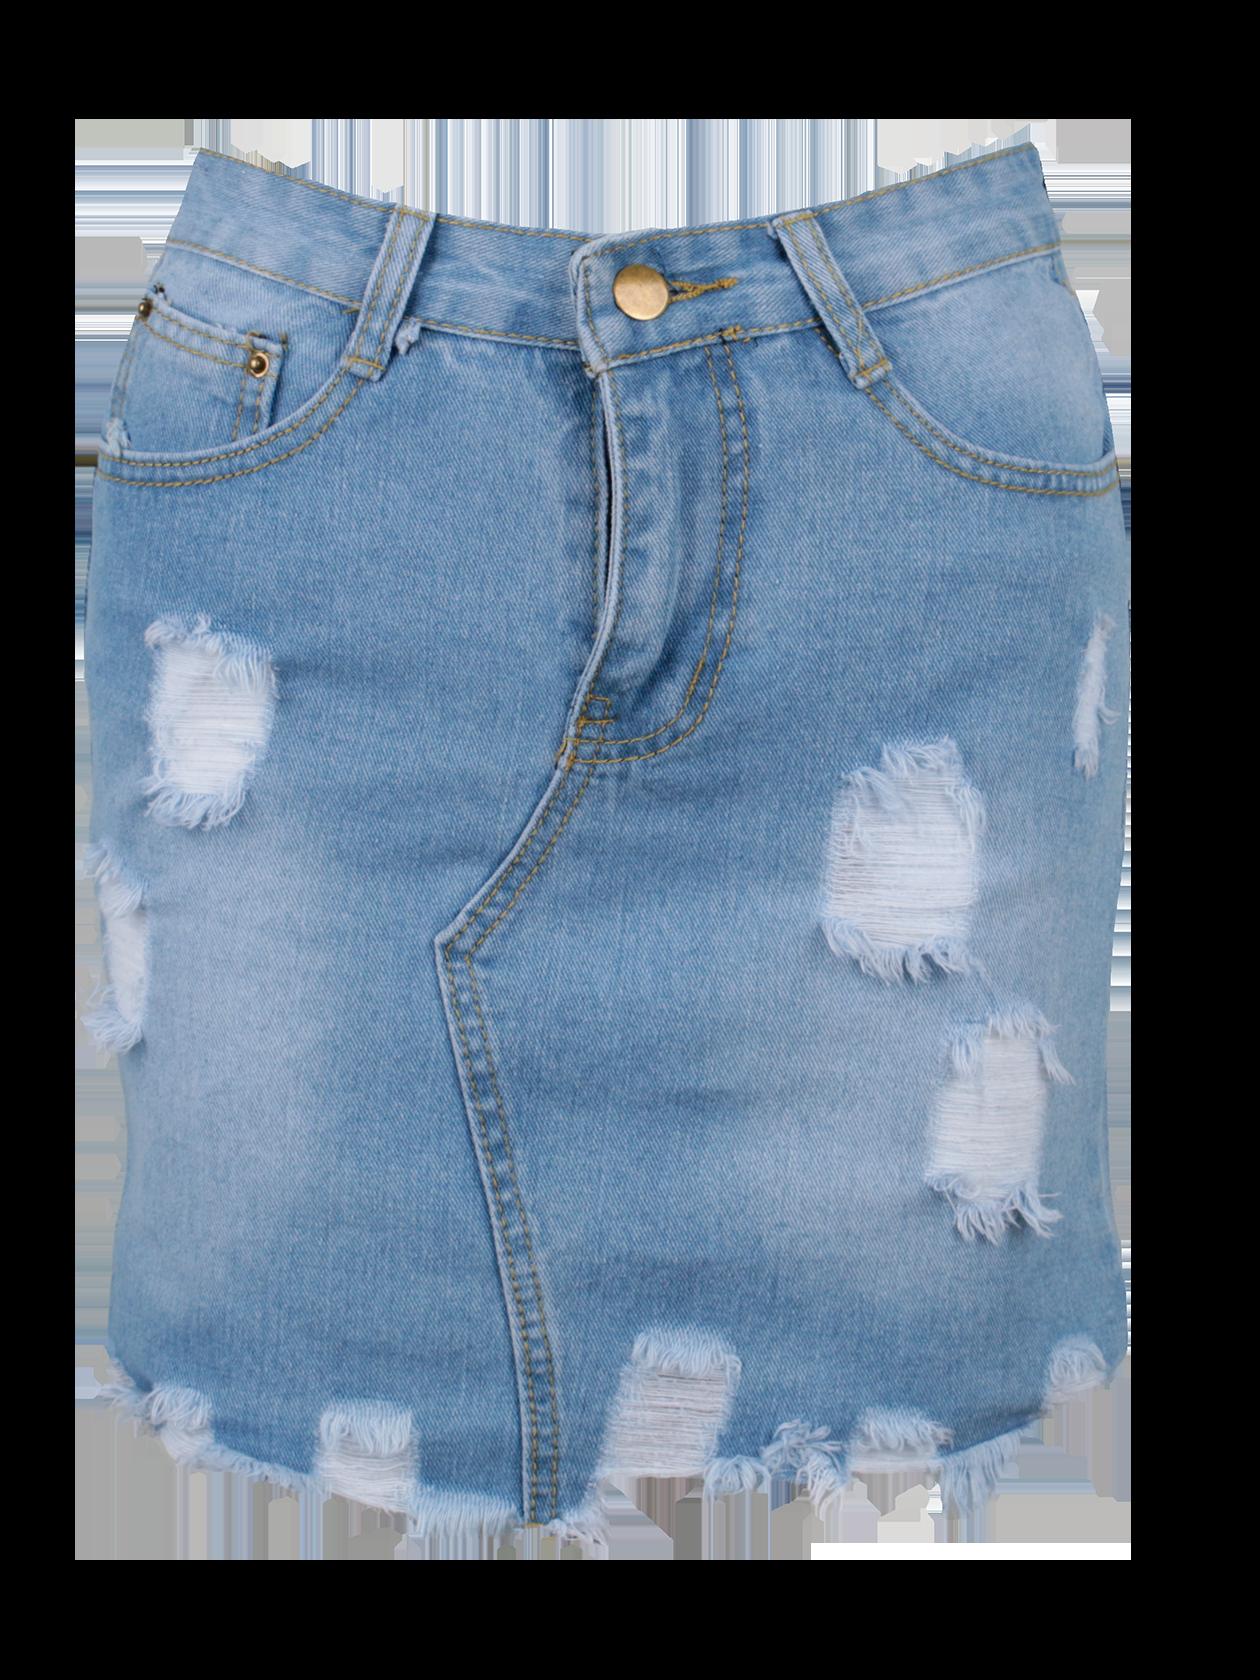 Юбка джинсовая женская DENIM GIRLЮбка джинсовая женская Denim Girl из коллекции Black Star – актуальный тренд для любого сезона. Стильная модель классической светло-голубой расцветки отлично комбинируется с повседневным гардеробом. Полуоблегающий крой, длина до середины бедра. C фронтальной и тыльной стороны оформлены декоративные швы, на заднем кармане вышивка с цифрой 13. Дизайн дополнен потертостями по всему периметру изделия. Низ с необработанным краем, на поясе имеются петли для ремня. Юбка создана из высококачественного натурального материала.<br><br>Размер: XS<br>Цвет: Голубой<br>Пол: Женский